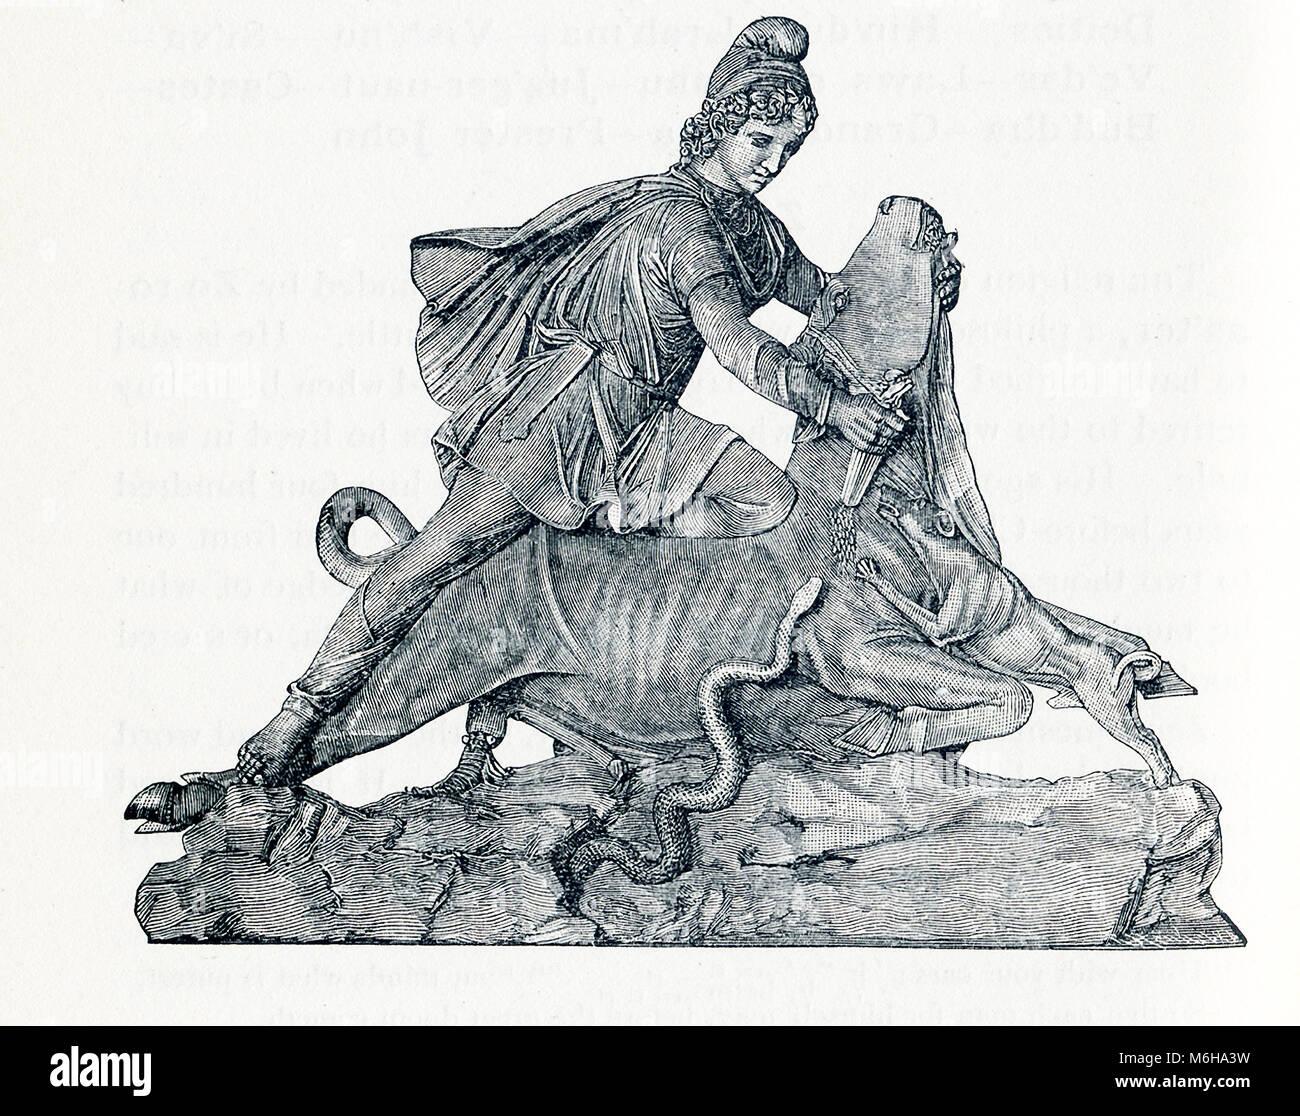 Cette illustration date d'environ 1898 et dépeint la sculpture de Mithra  (également orthographié Mithra) qui se trouve au Vatican. Mithra est  parfois connu sous le nom de Bull Bull abatteur et Slayer.